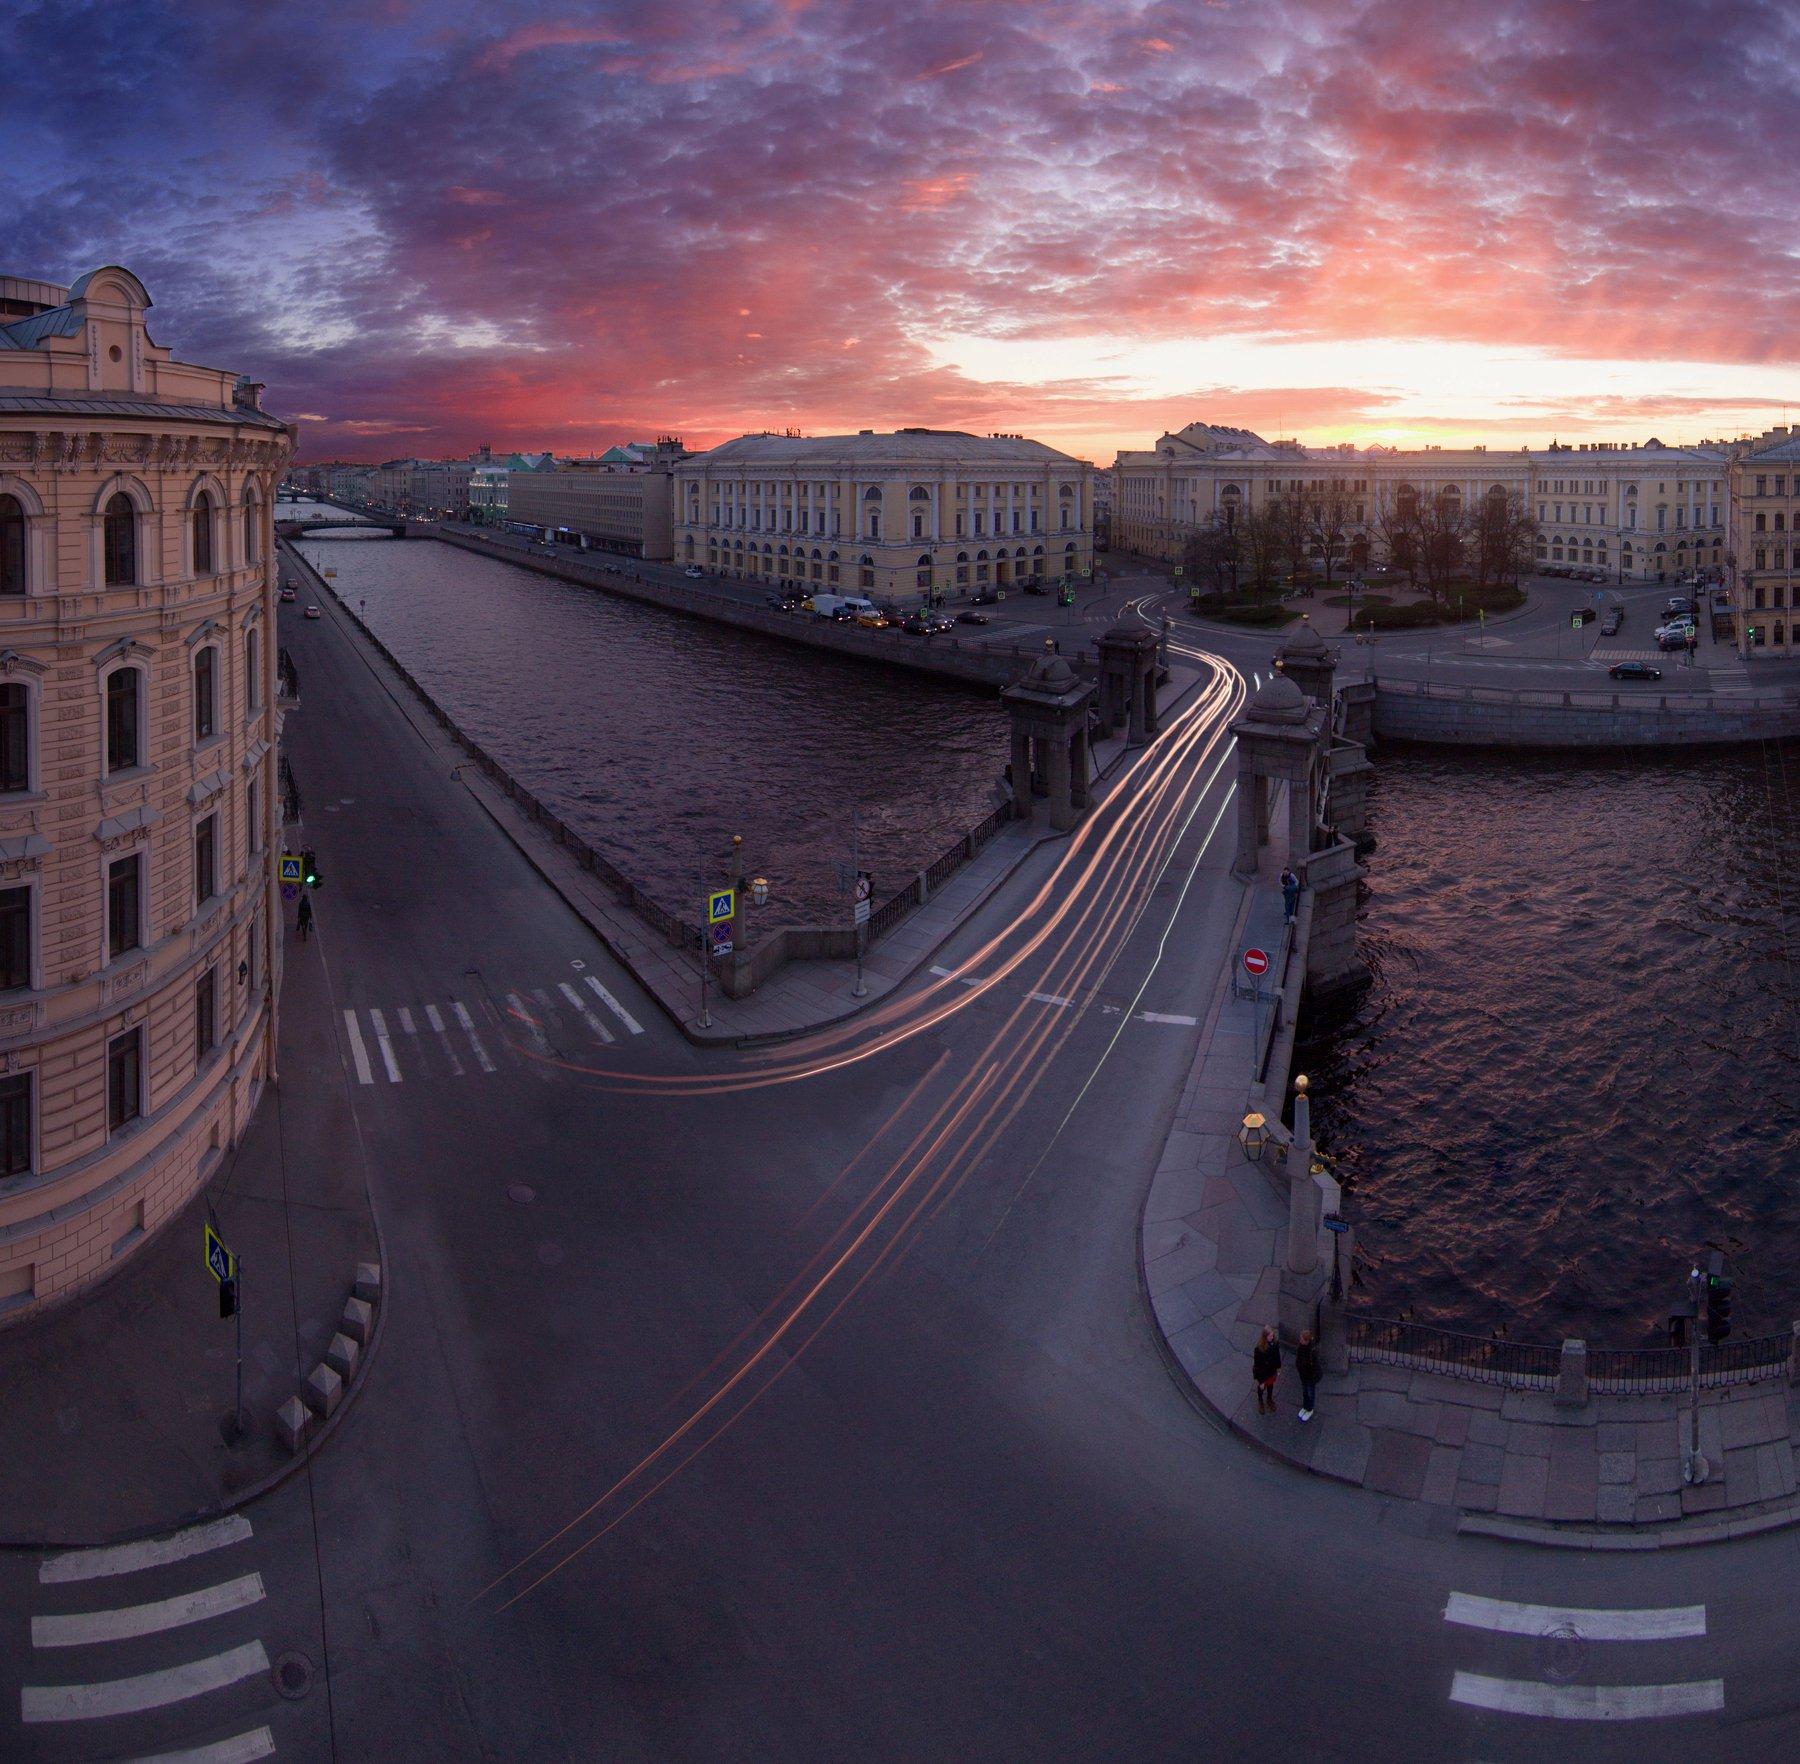 санкт-петербург, российская федерация, город, панорама, закат, Мария Креймер